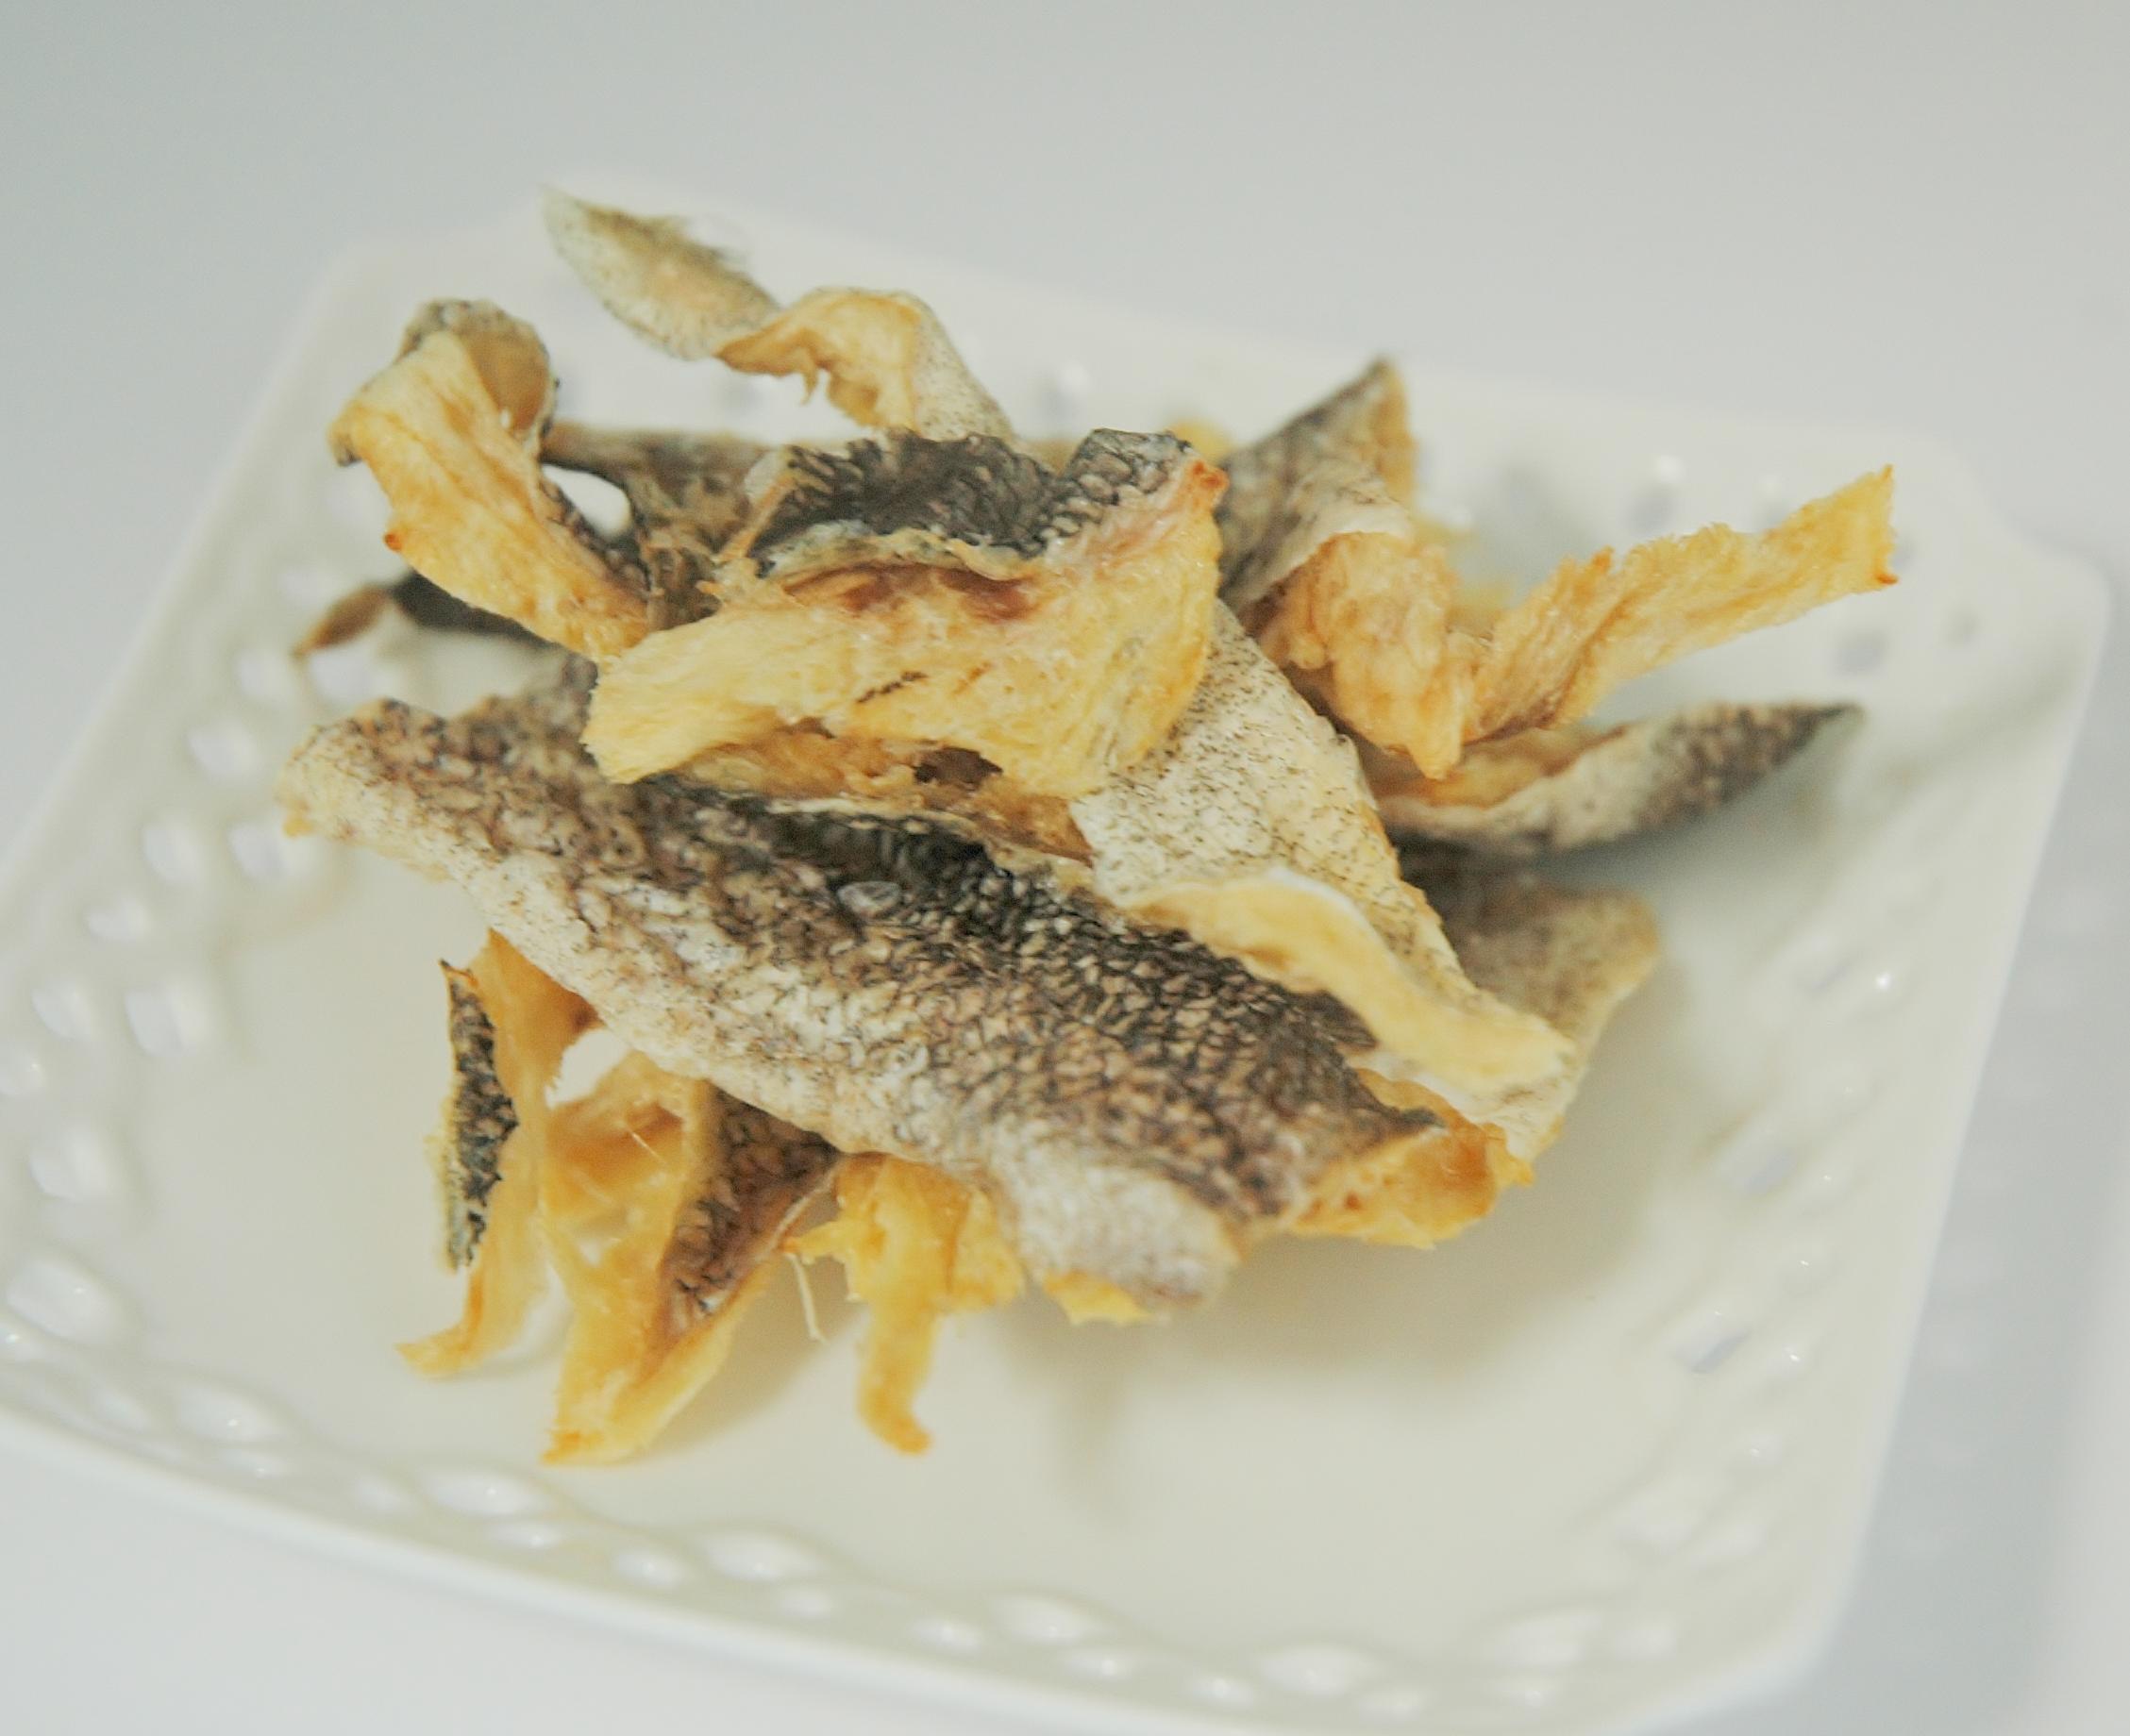 白身魚ミニフィレ 35g 犬猫用無添加自然食おやつ サクサク食感のお魚ジャーキー